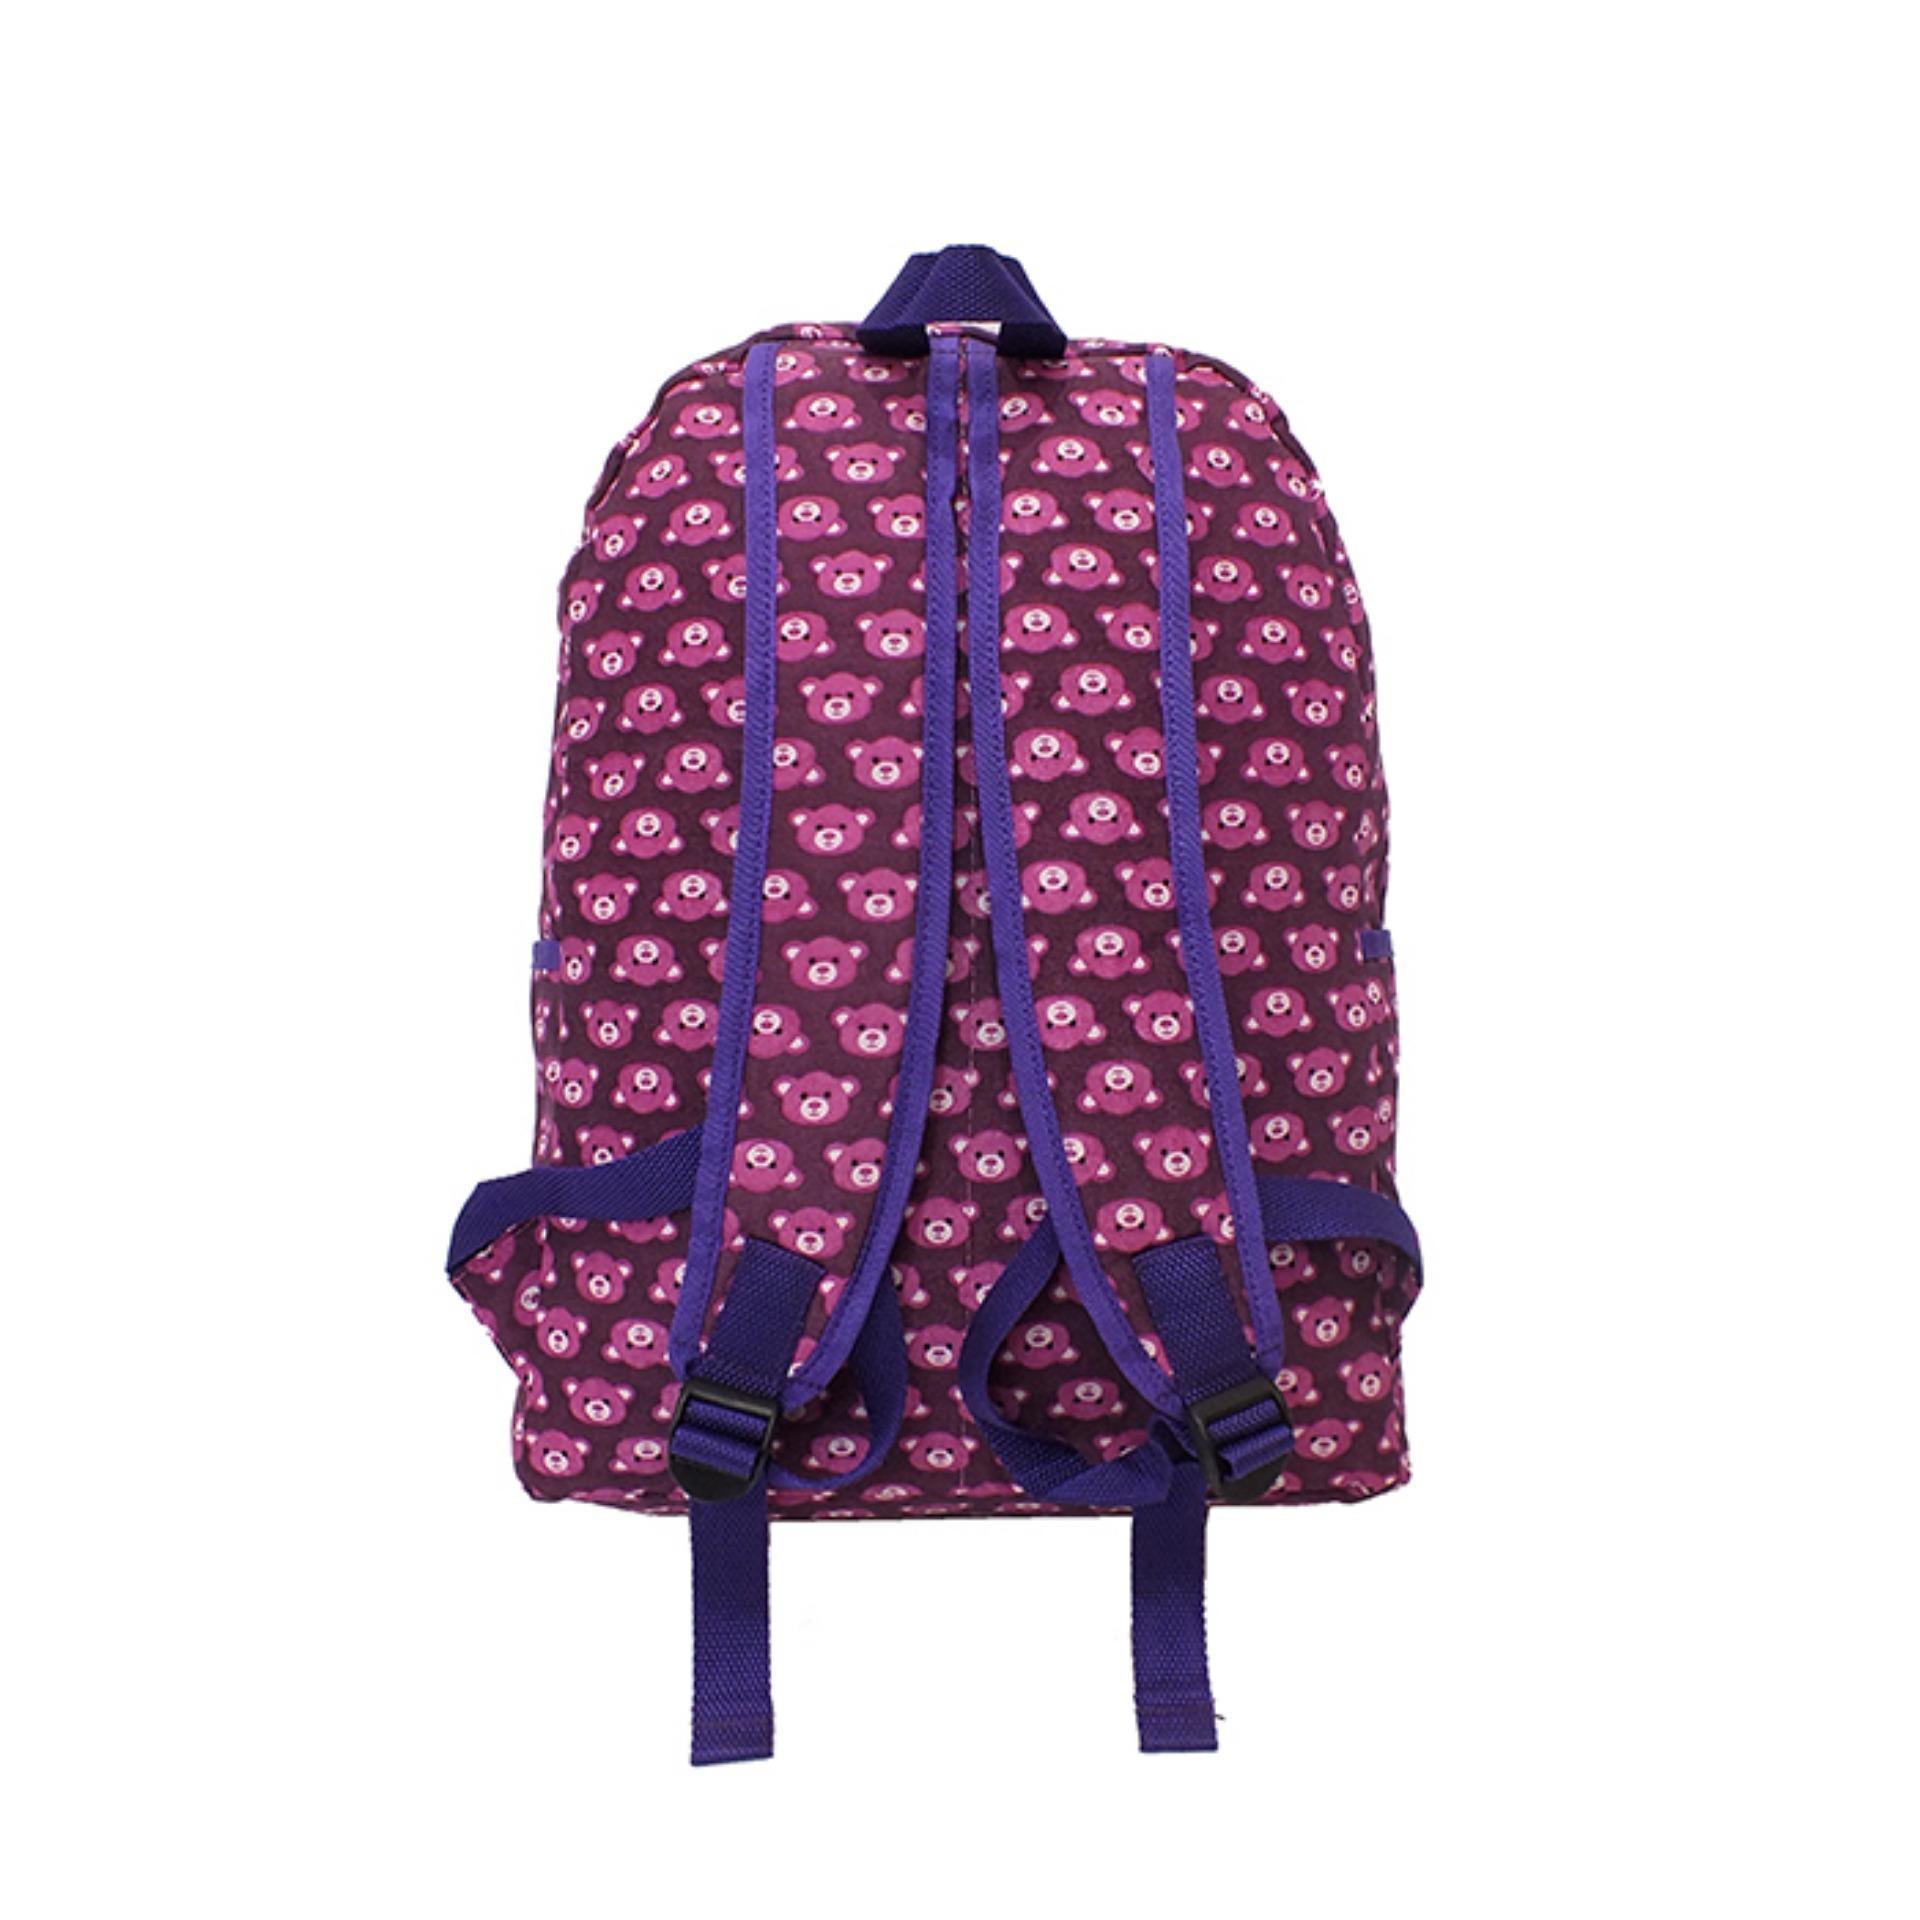 Kipling Tas Ransel Wanita Terbaru - Daftar Harga Penjualan Terbaik ... 1b4c770580